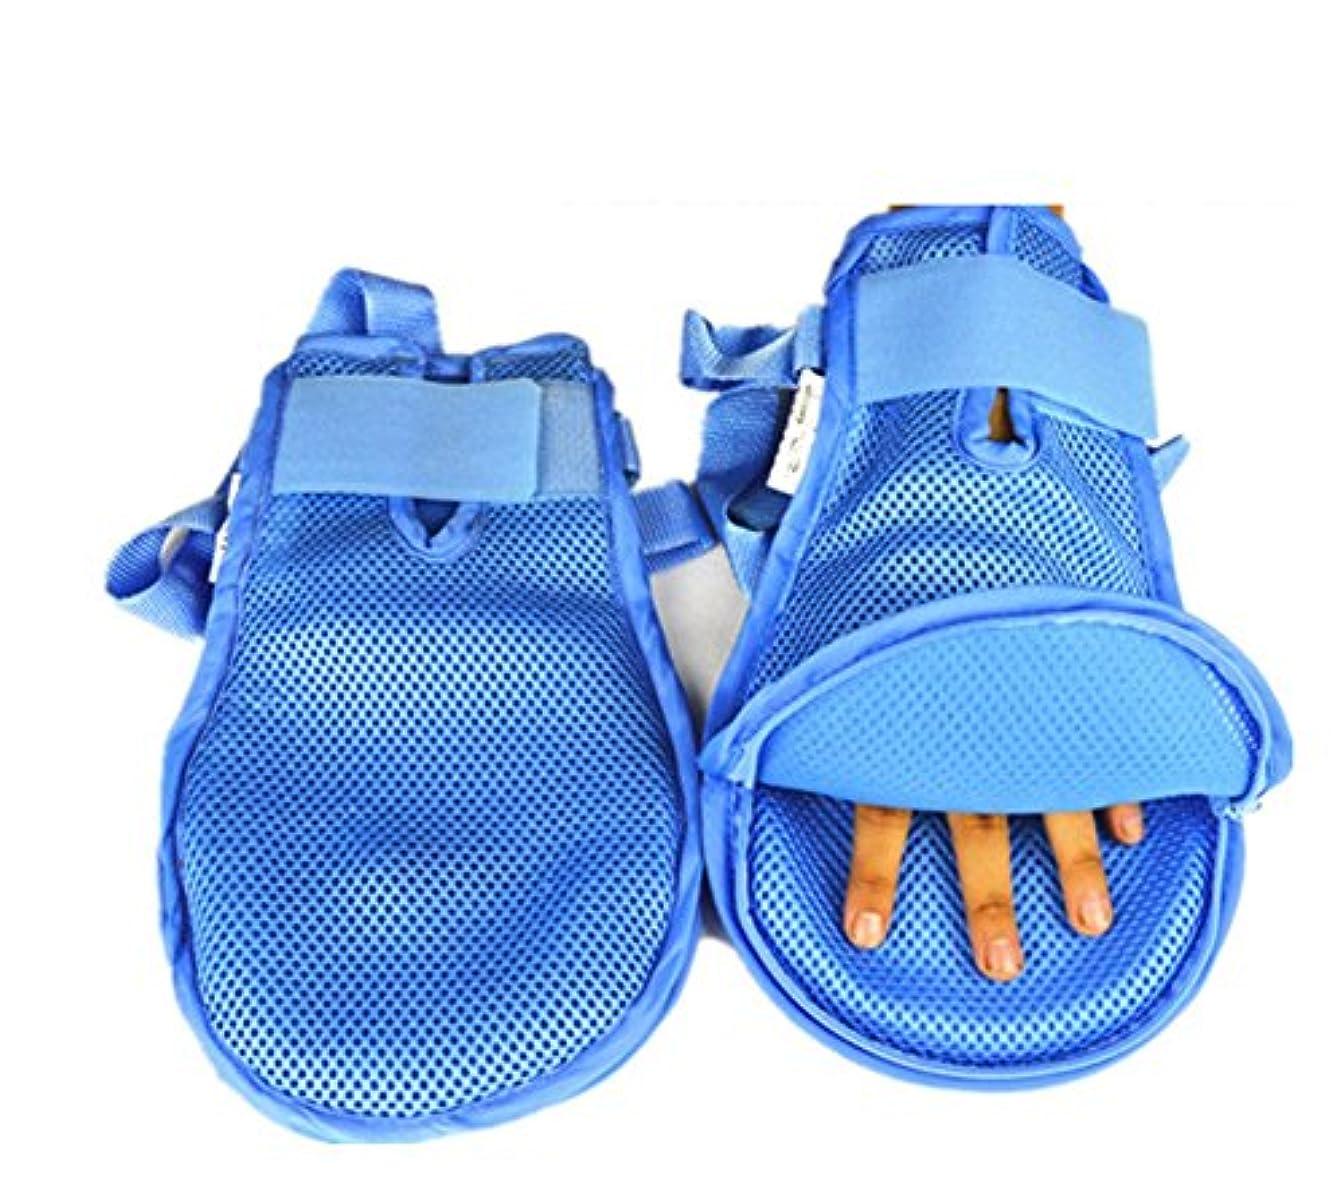 出費解釈する中庭拘束手袋、指のコントロールミット医療の通気性の患者の抗褥瘡手袋高齢者のためのスクラッチ包帯リストストラップS、M、L